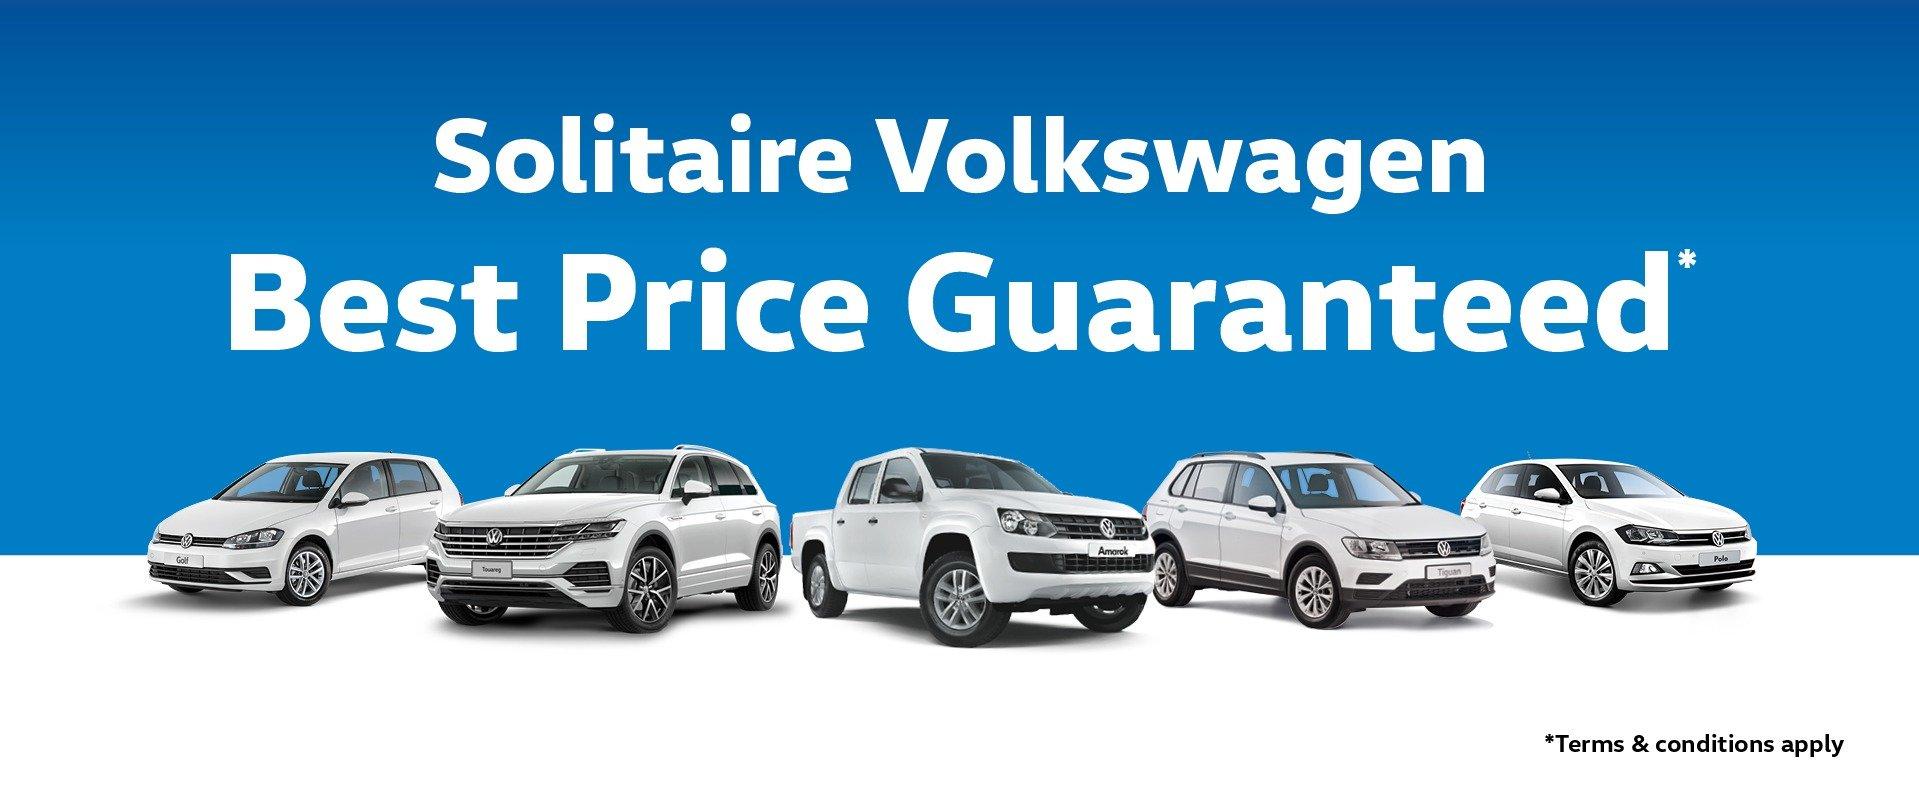 Solitaire Volkswagen Best Price Guaranteed*